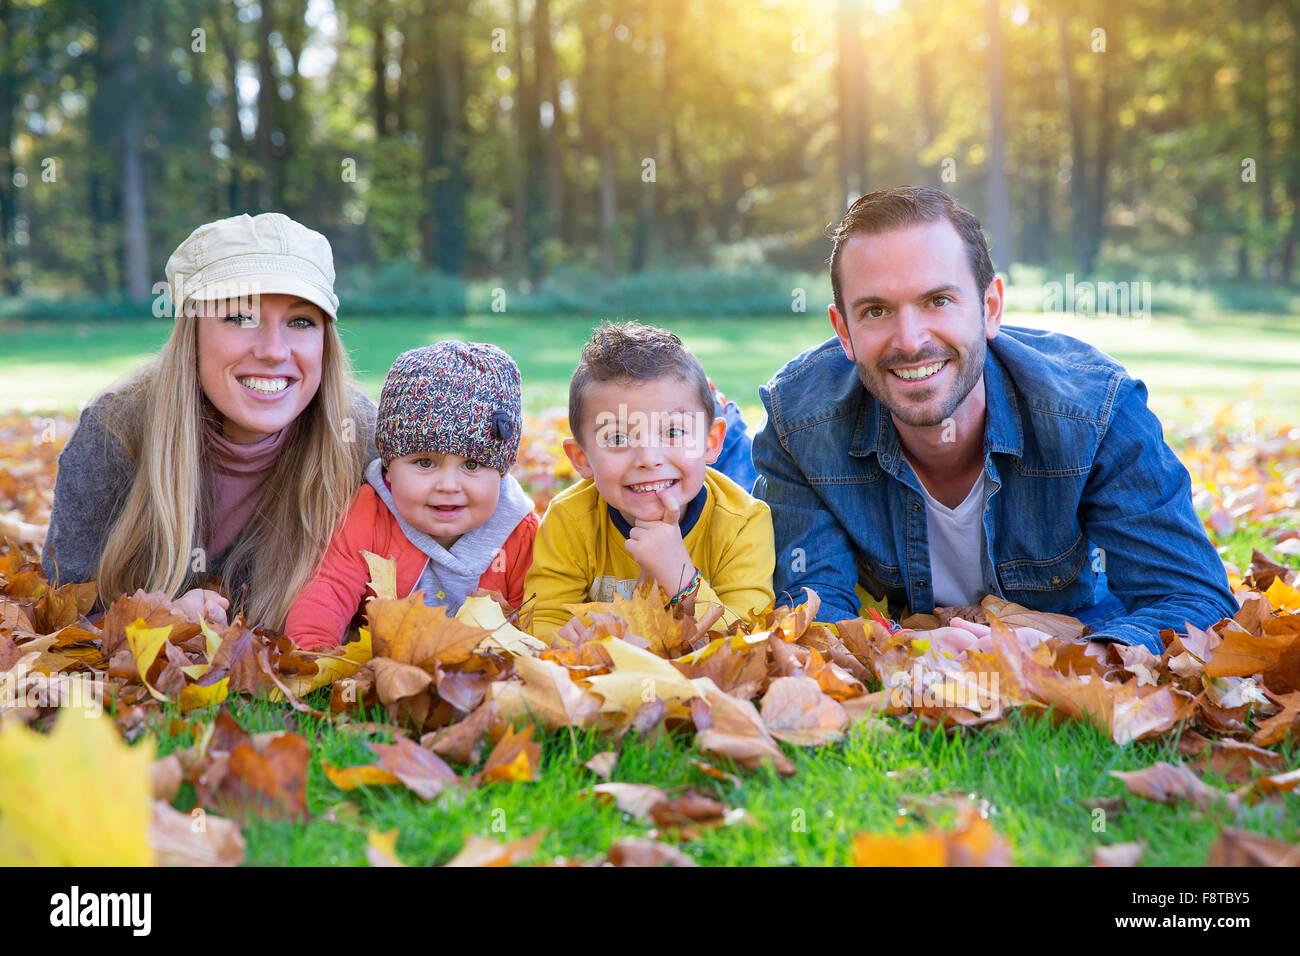 Porträt einer Familie liegend Stockbild